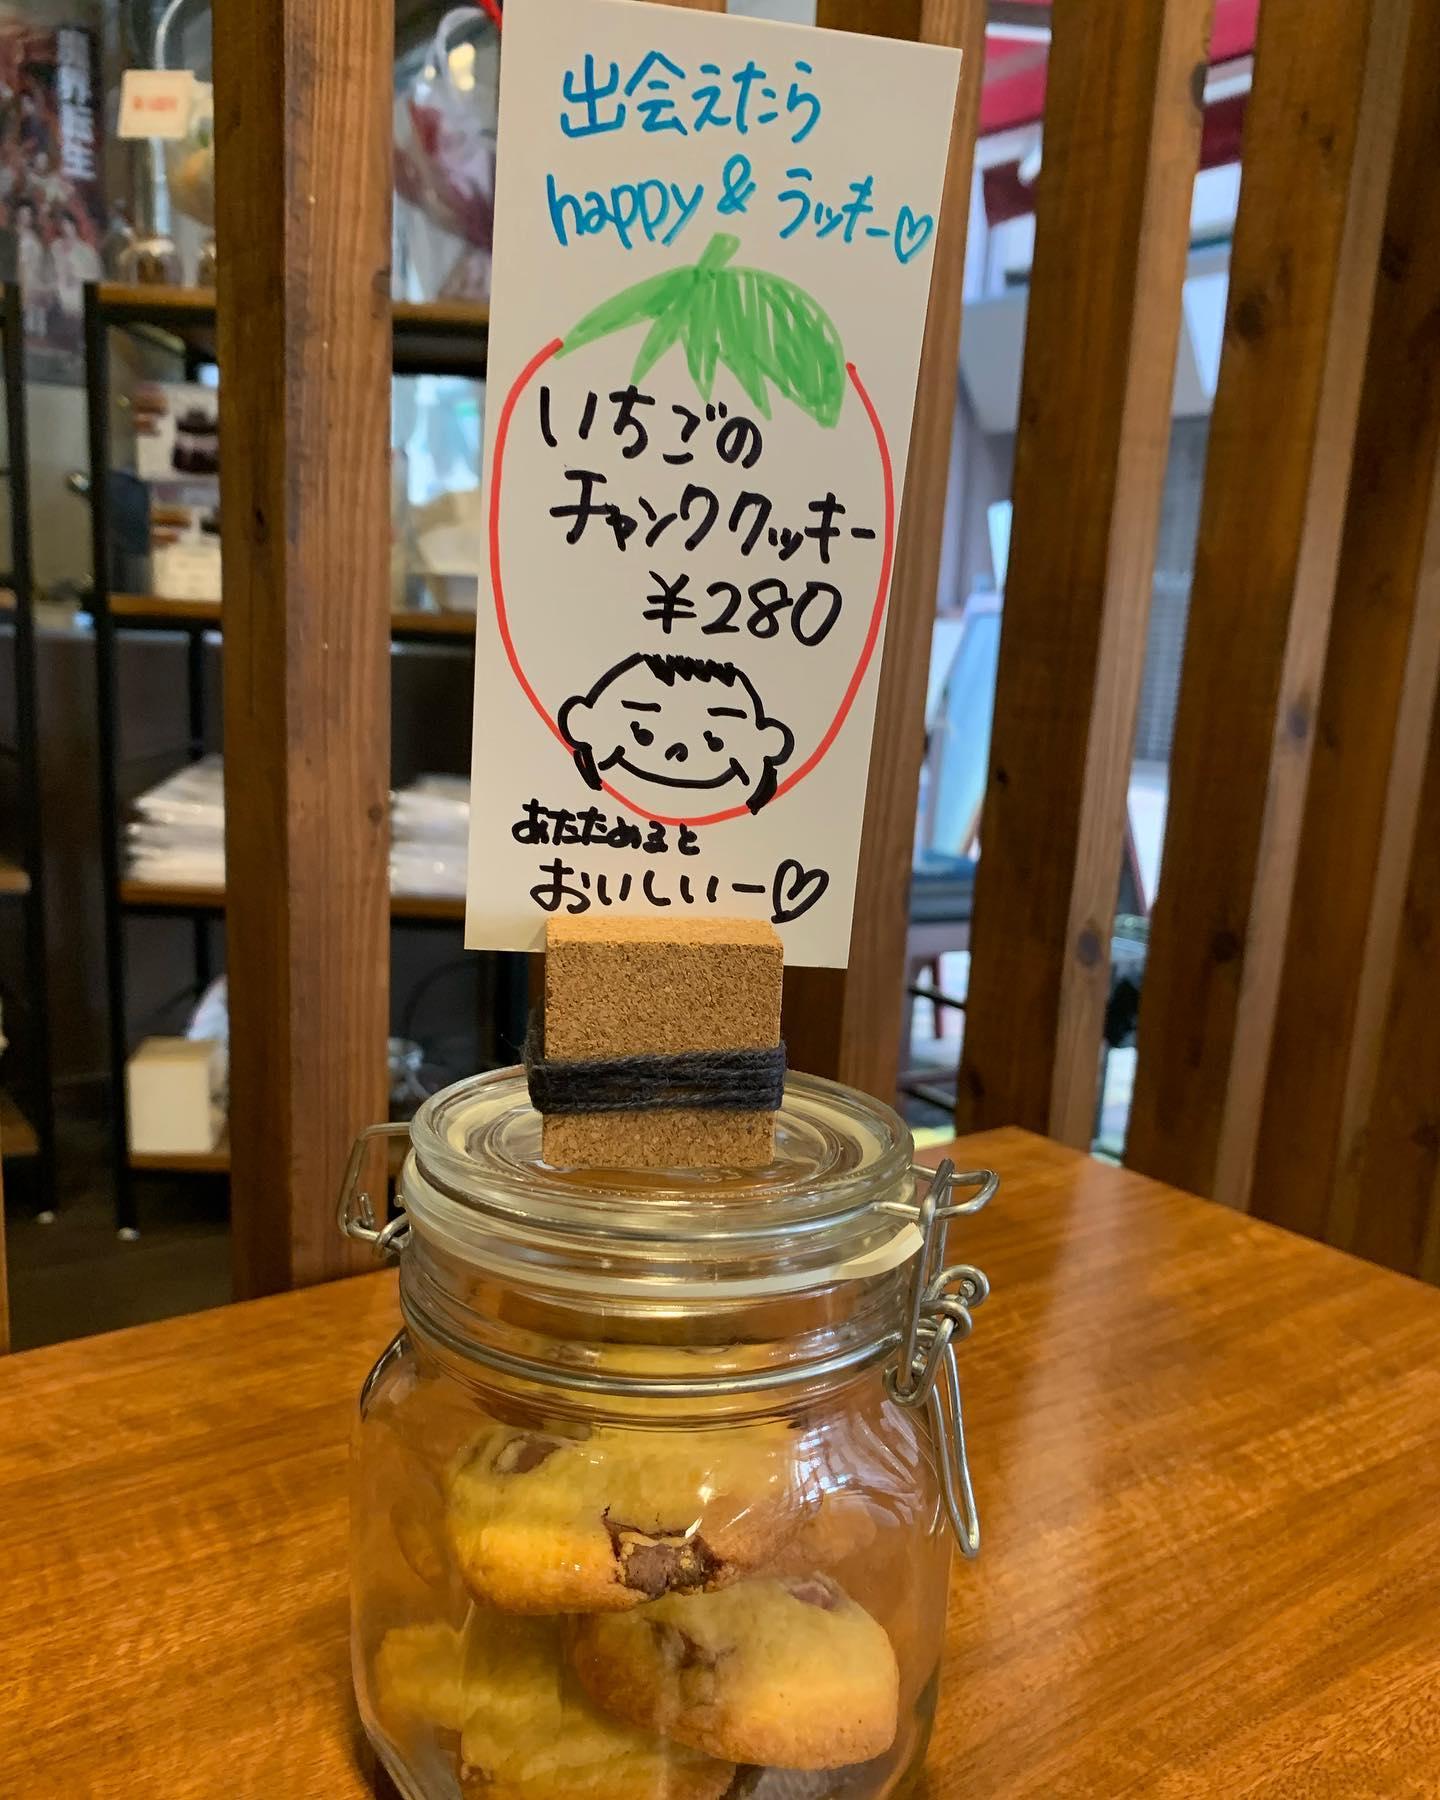 ゲリラスイーツいちごチョコチャンククッキー️おはようございますFIKACOFFEEエリカです★今日のいちごチョコチャンククッキーは9枚ですお持ち帰りも出来ます♪お持ち帰りの方はおうちでオーブントースターで1分半くらい温めると中のいちごチョコがいい感じです️店内では温めてお出ししてます♡今日までだよーFIKA COFFEE(フィーカ コーヒー)福岡県福岡市博多区下川端町3-1 博多リバレイン1FTEL0922926601営業時間→平日9:00〜20:00  土日祝9:00〜18:00店休日→不定休(早く閉めたり休んだりすることもあります)#cafe#coffee#fika#fikacoffee#福岡#福岡グルメ#福岡カフェ#博多#博多カフェ#中洲#博多座#福岡アジア美術館#クッキー#福岡クッキー#cookie#くまチョコミルク#ランチ#ティラミス#フレンチトースト#ummp#うむぷ#赤毛のマチコ#たま乗りジョニーのコーヒーゼリー#コーヒーゼリー